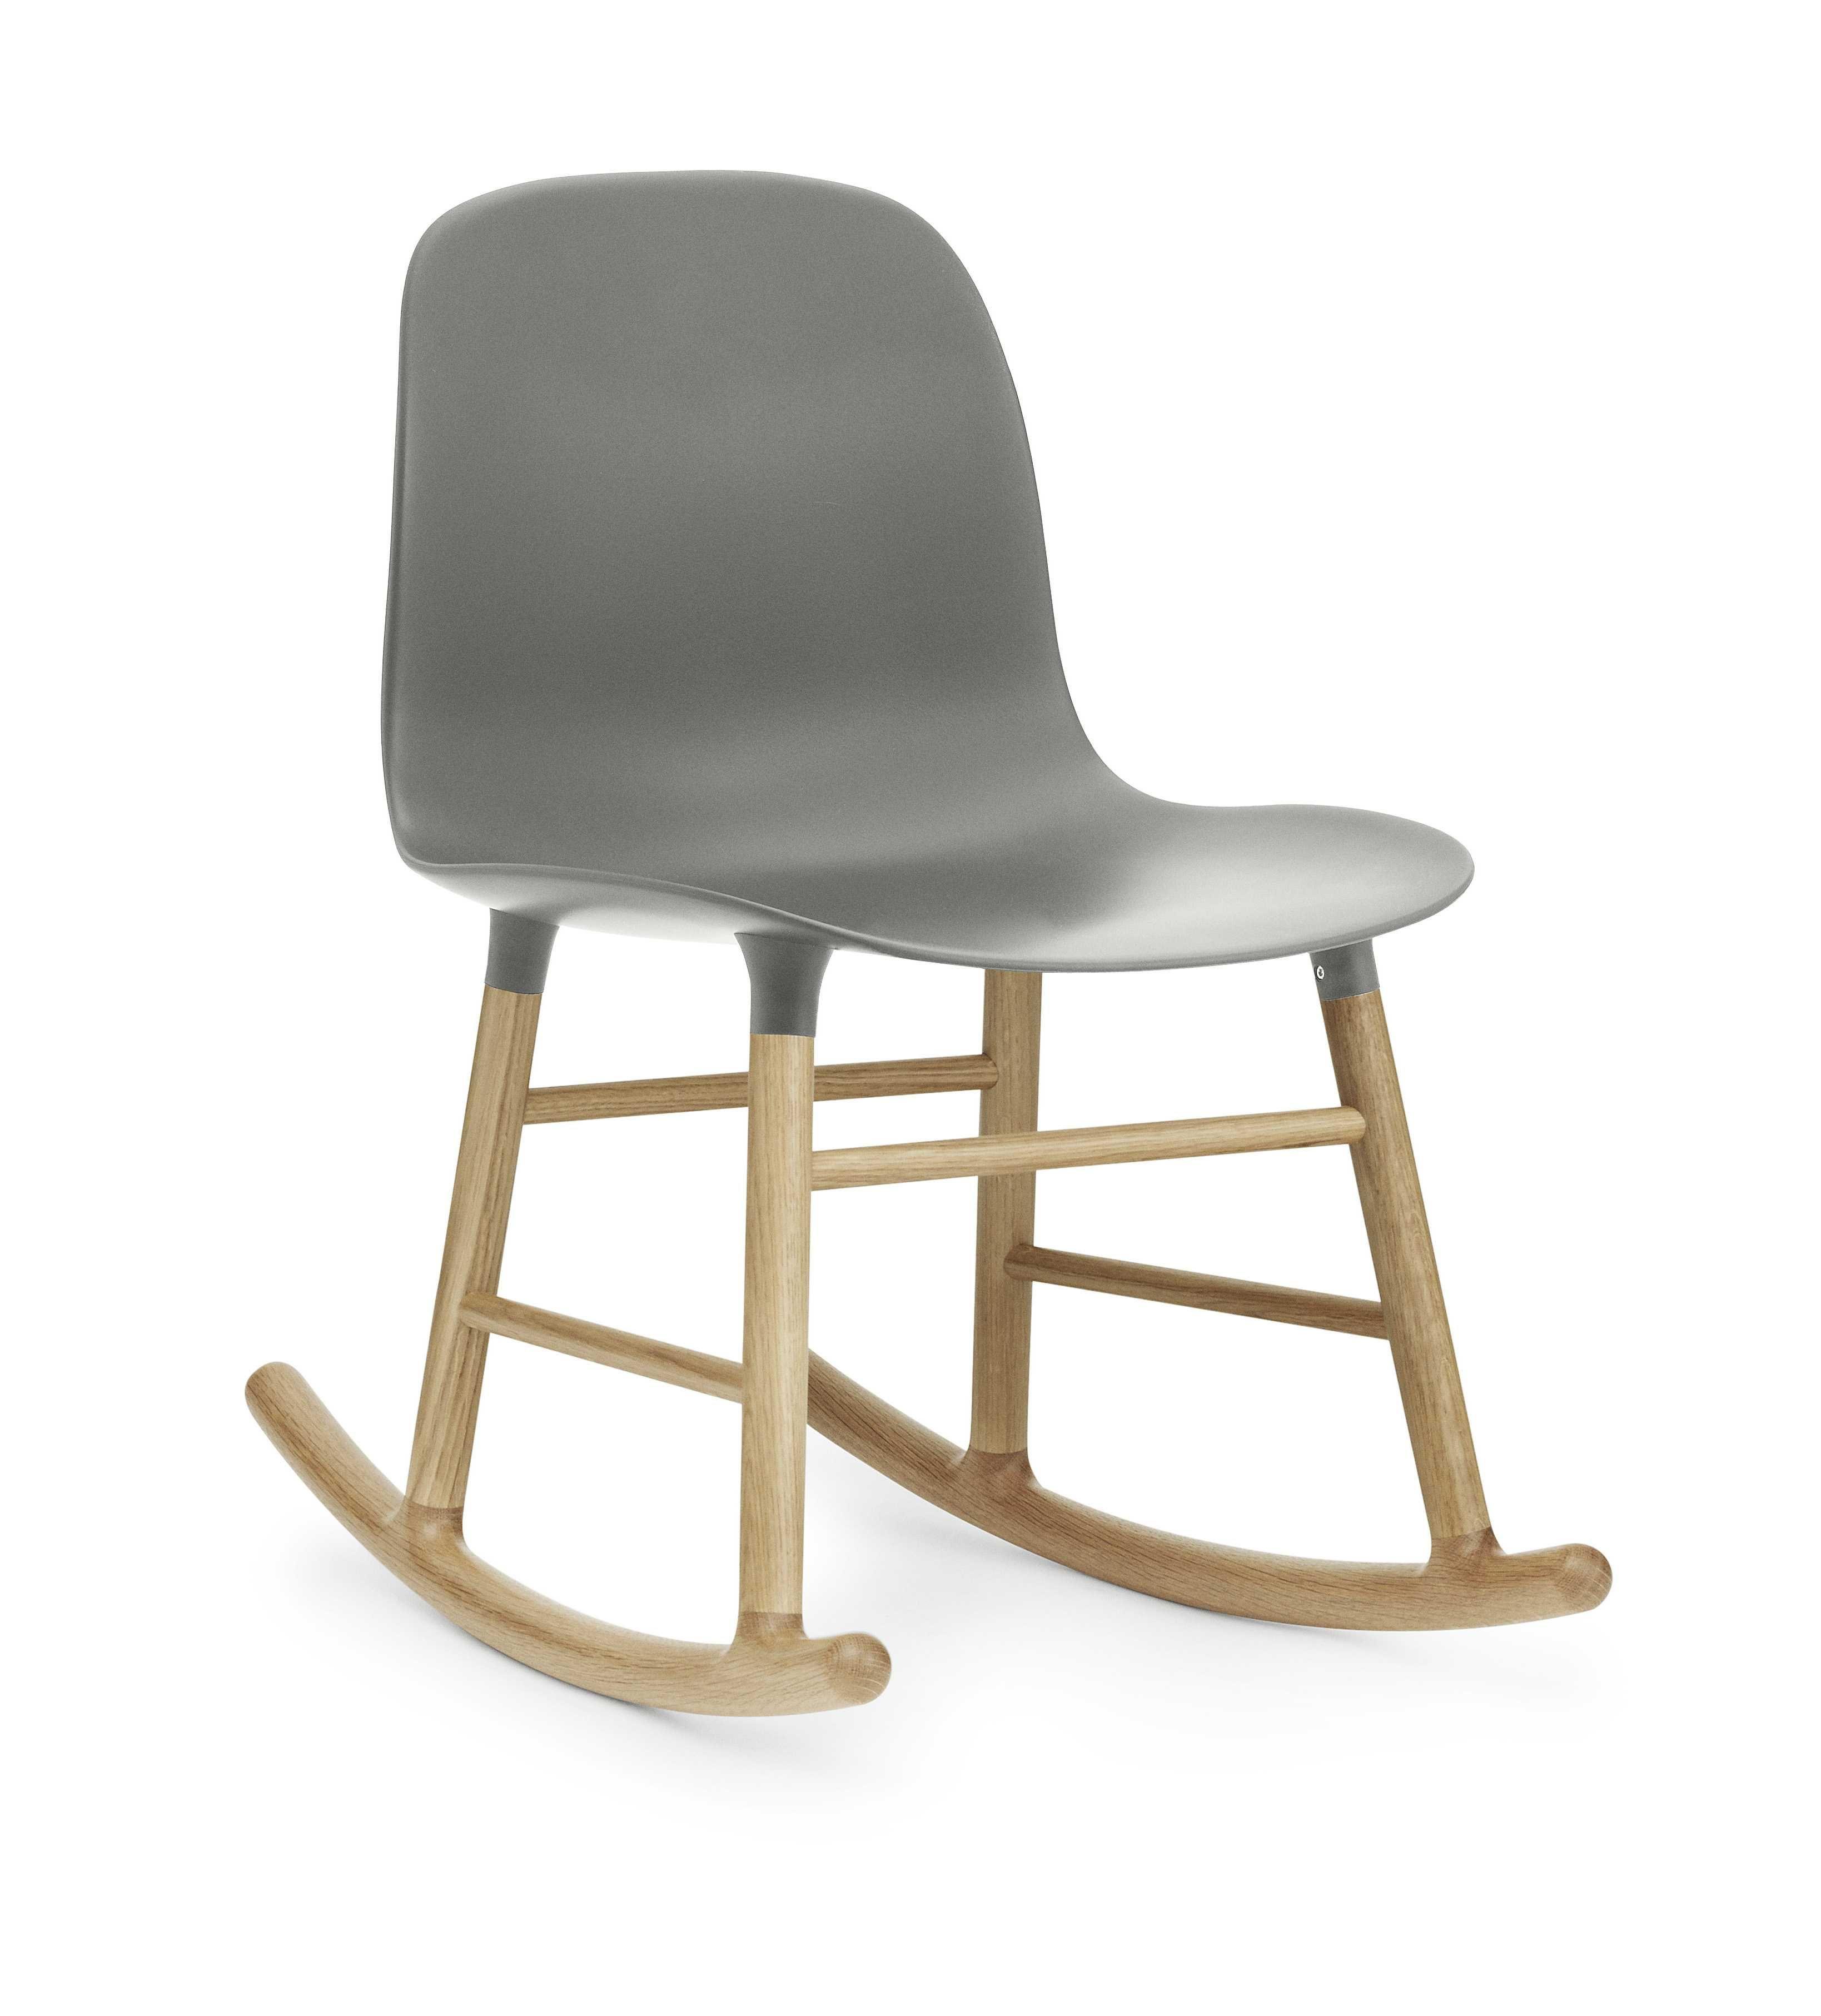 Normann Copenhagen Form Rocking Chair schommelstoel met eiken onderstel grijs kopen